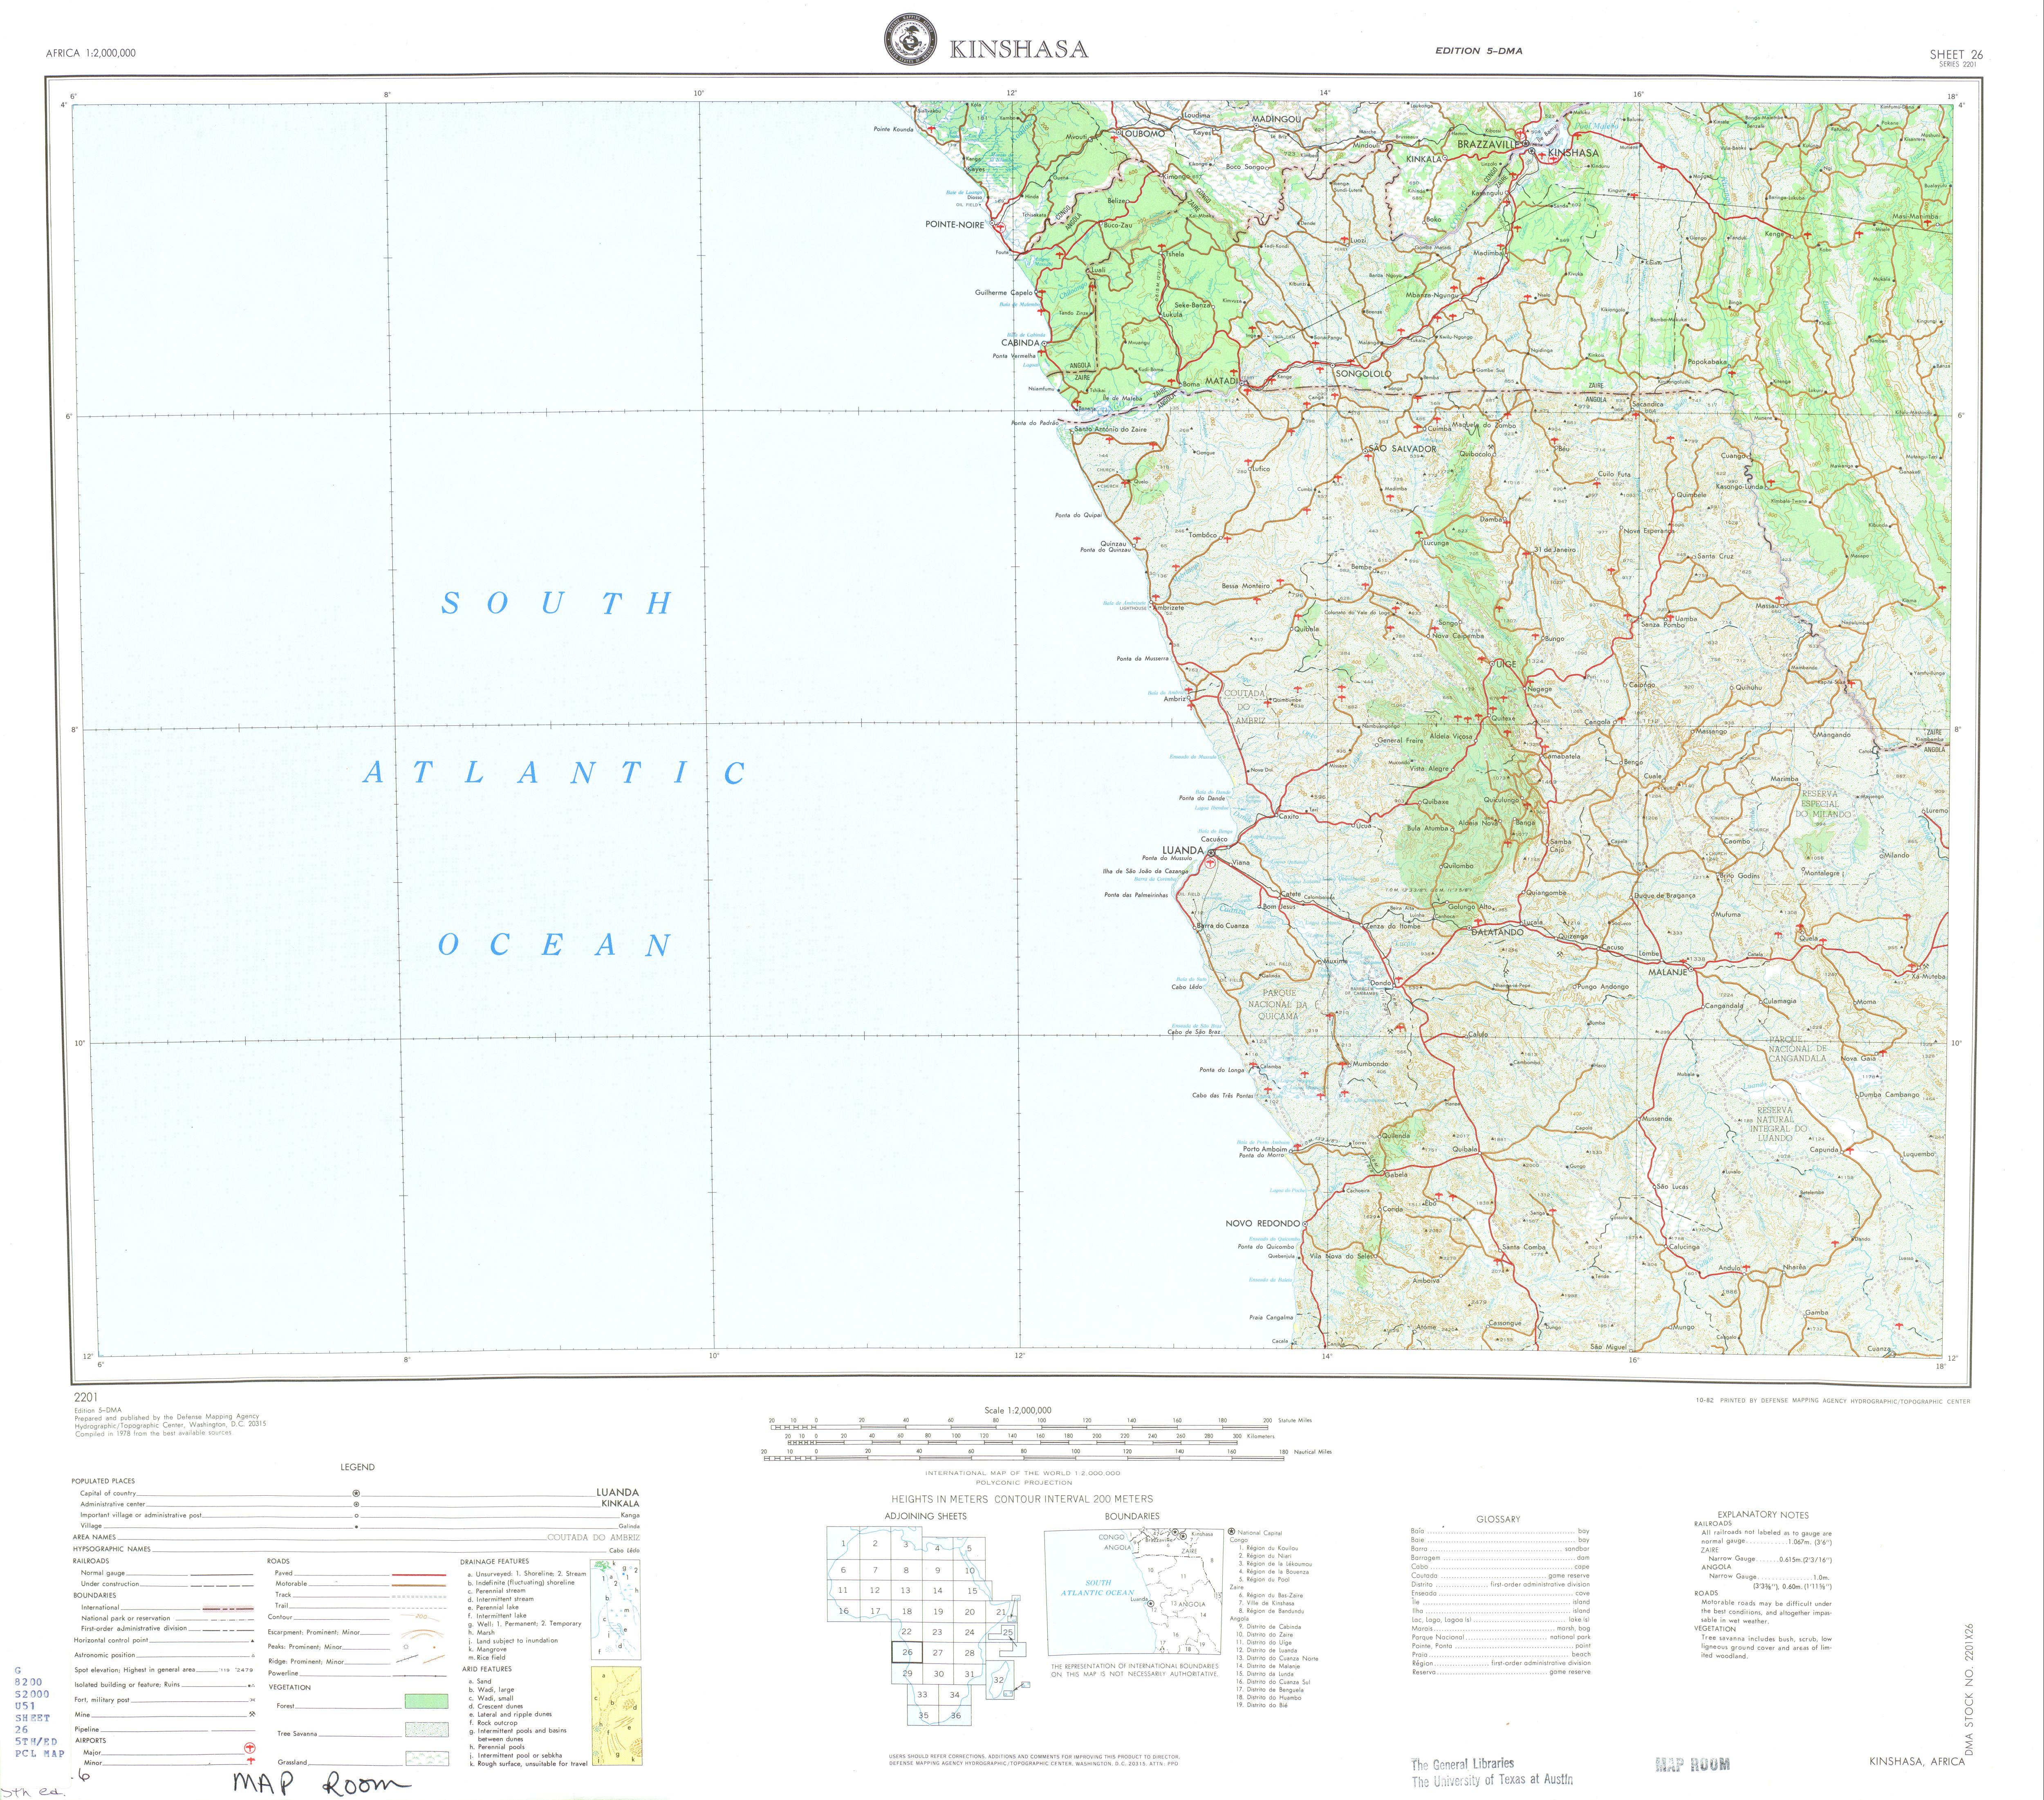 Hoja Kinshasa del Mapa Topográfico de África 1978